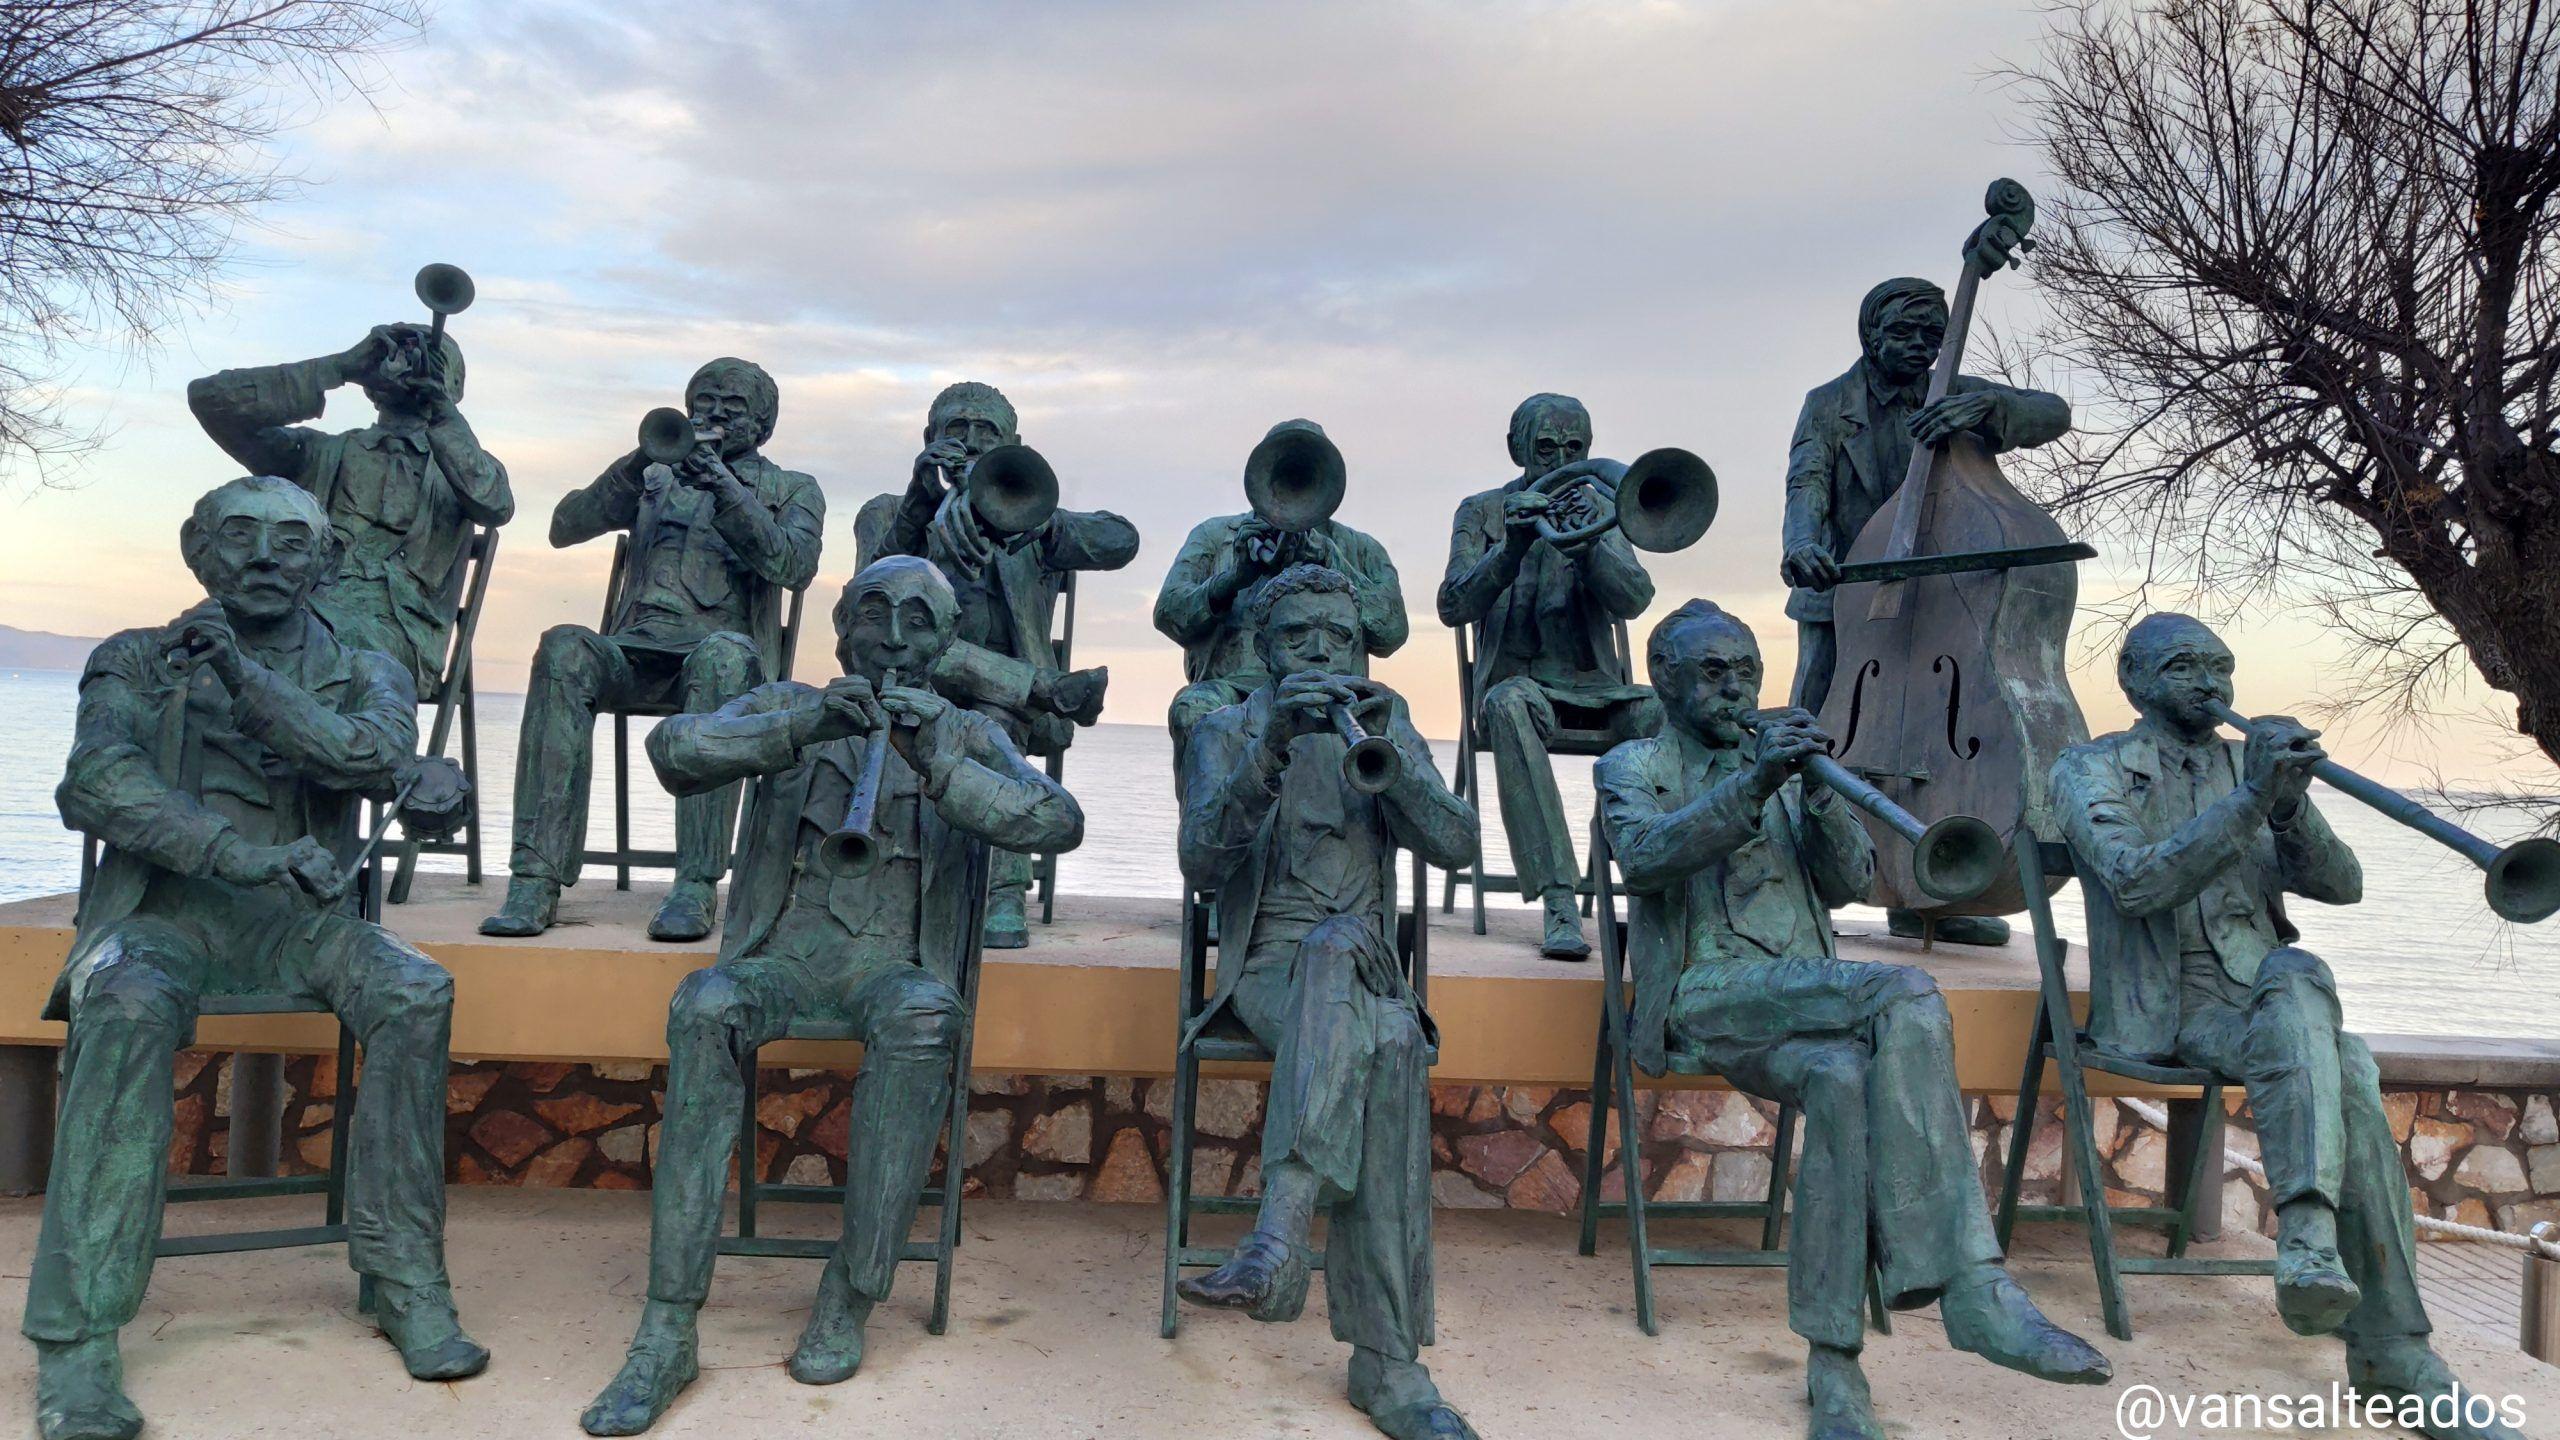 Monumento de la clota, L'Escala